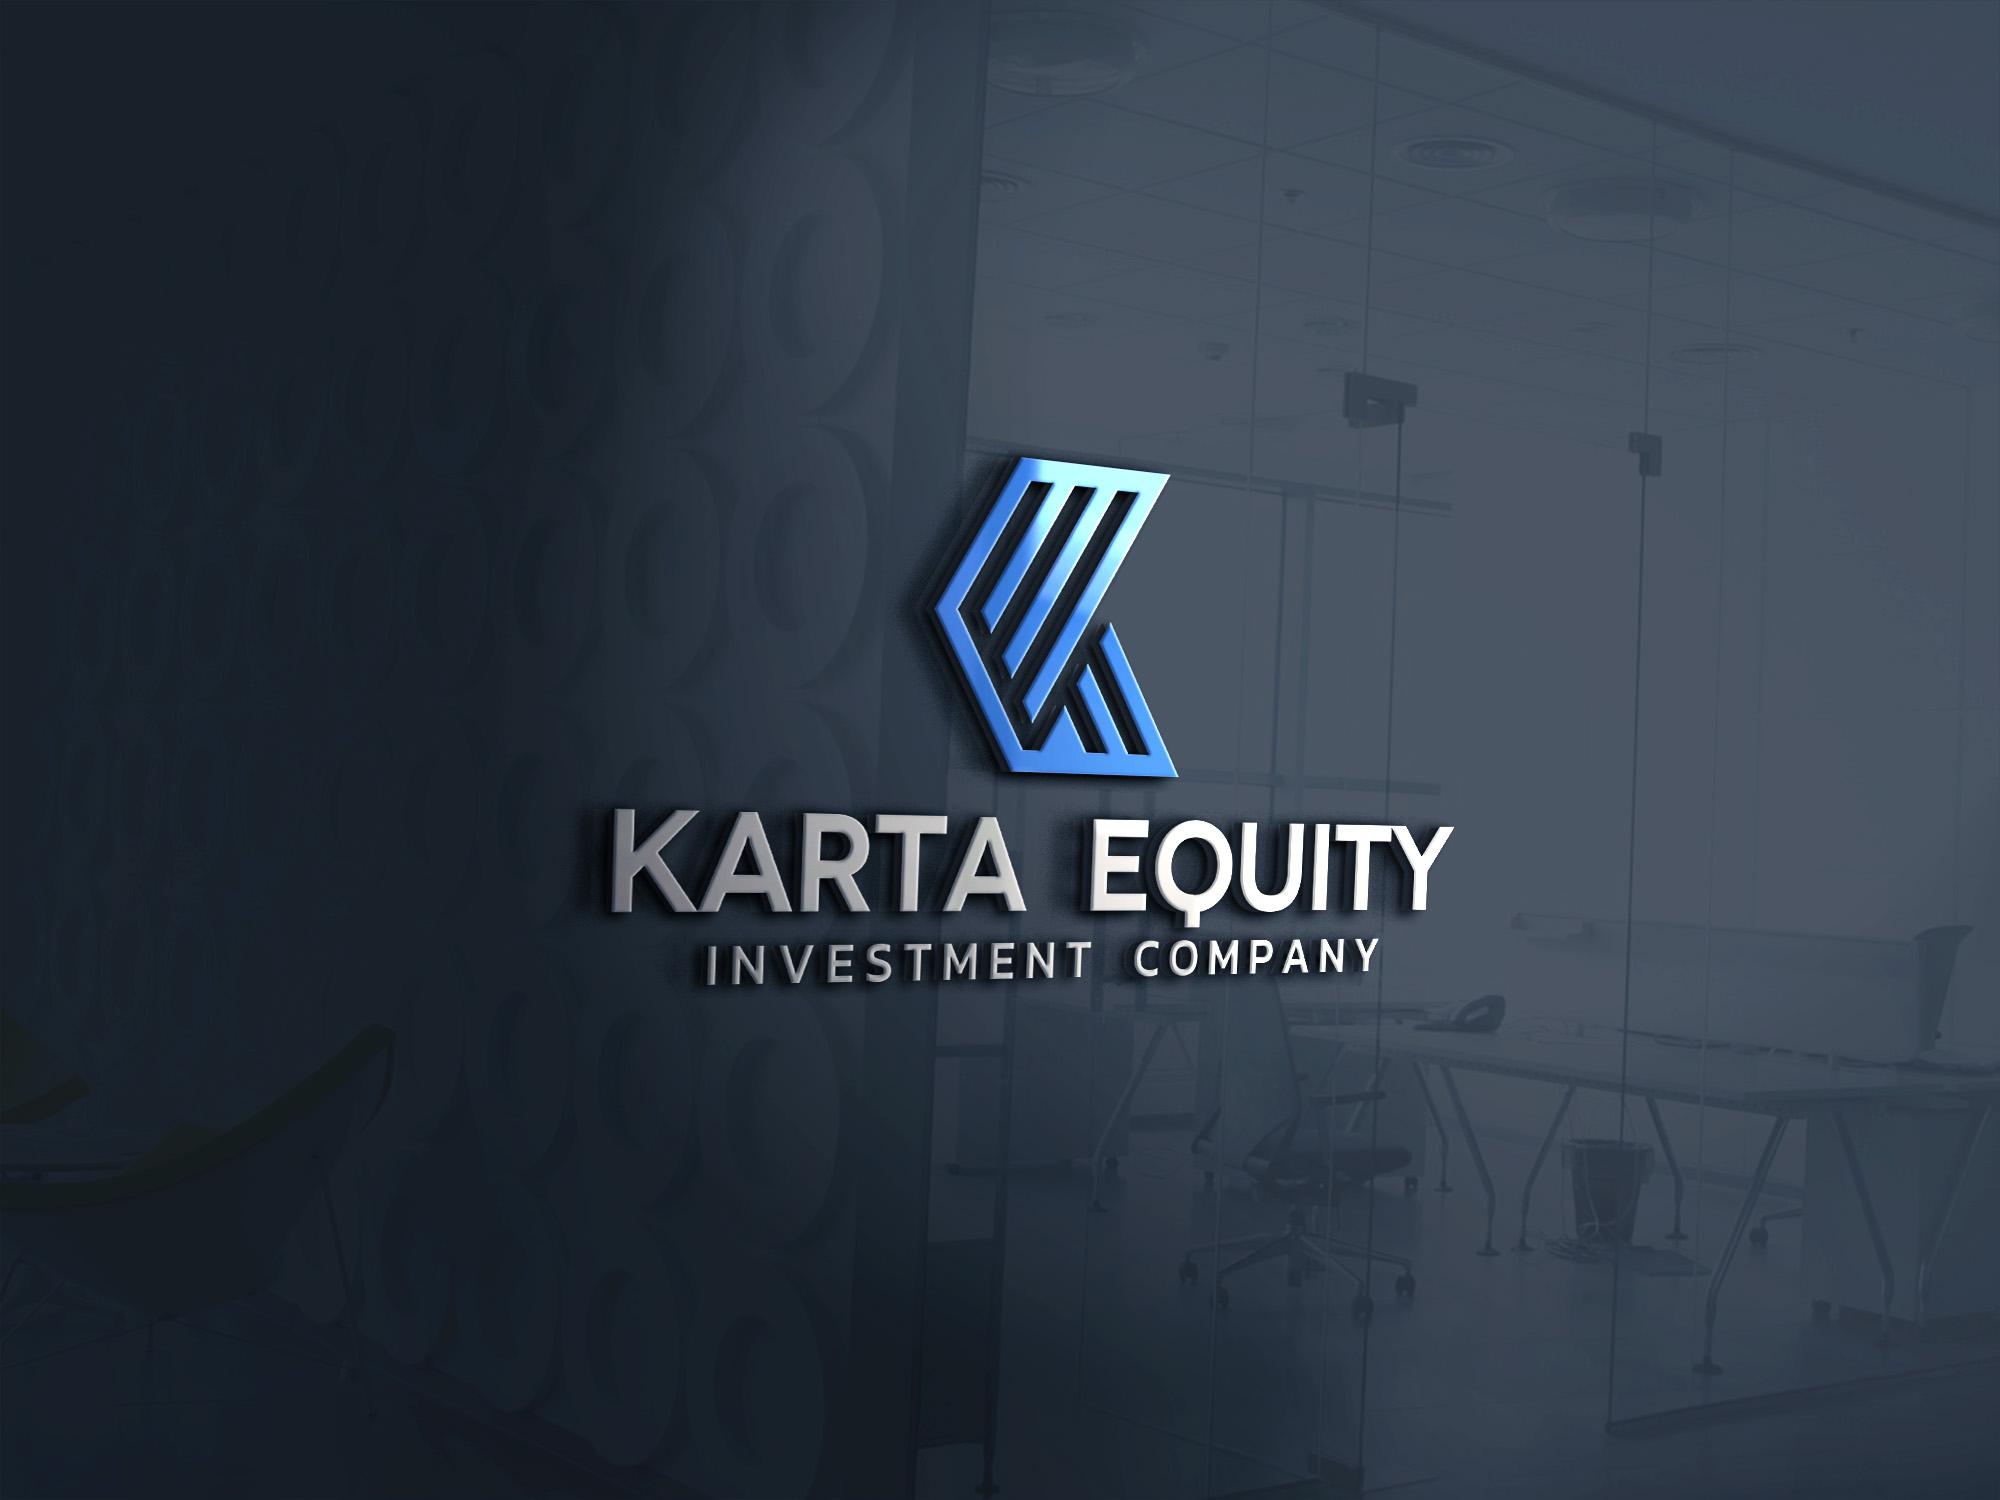 Логотип для компании инвестироваюшей в жилую недвижимость фото f_0145e10052723701.jpg